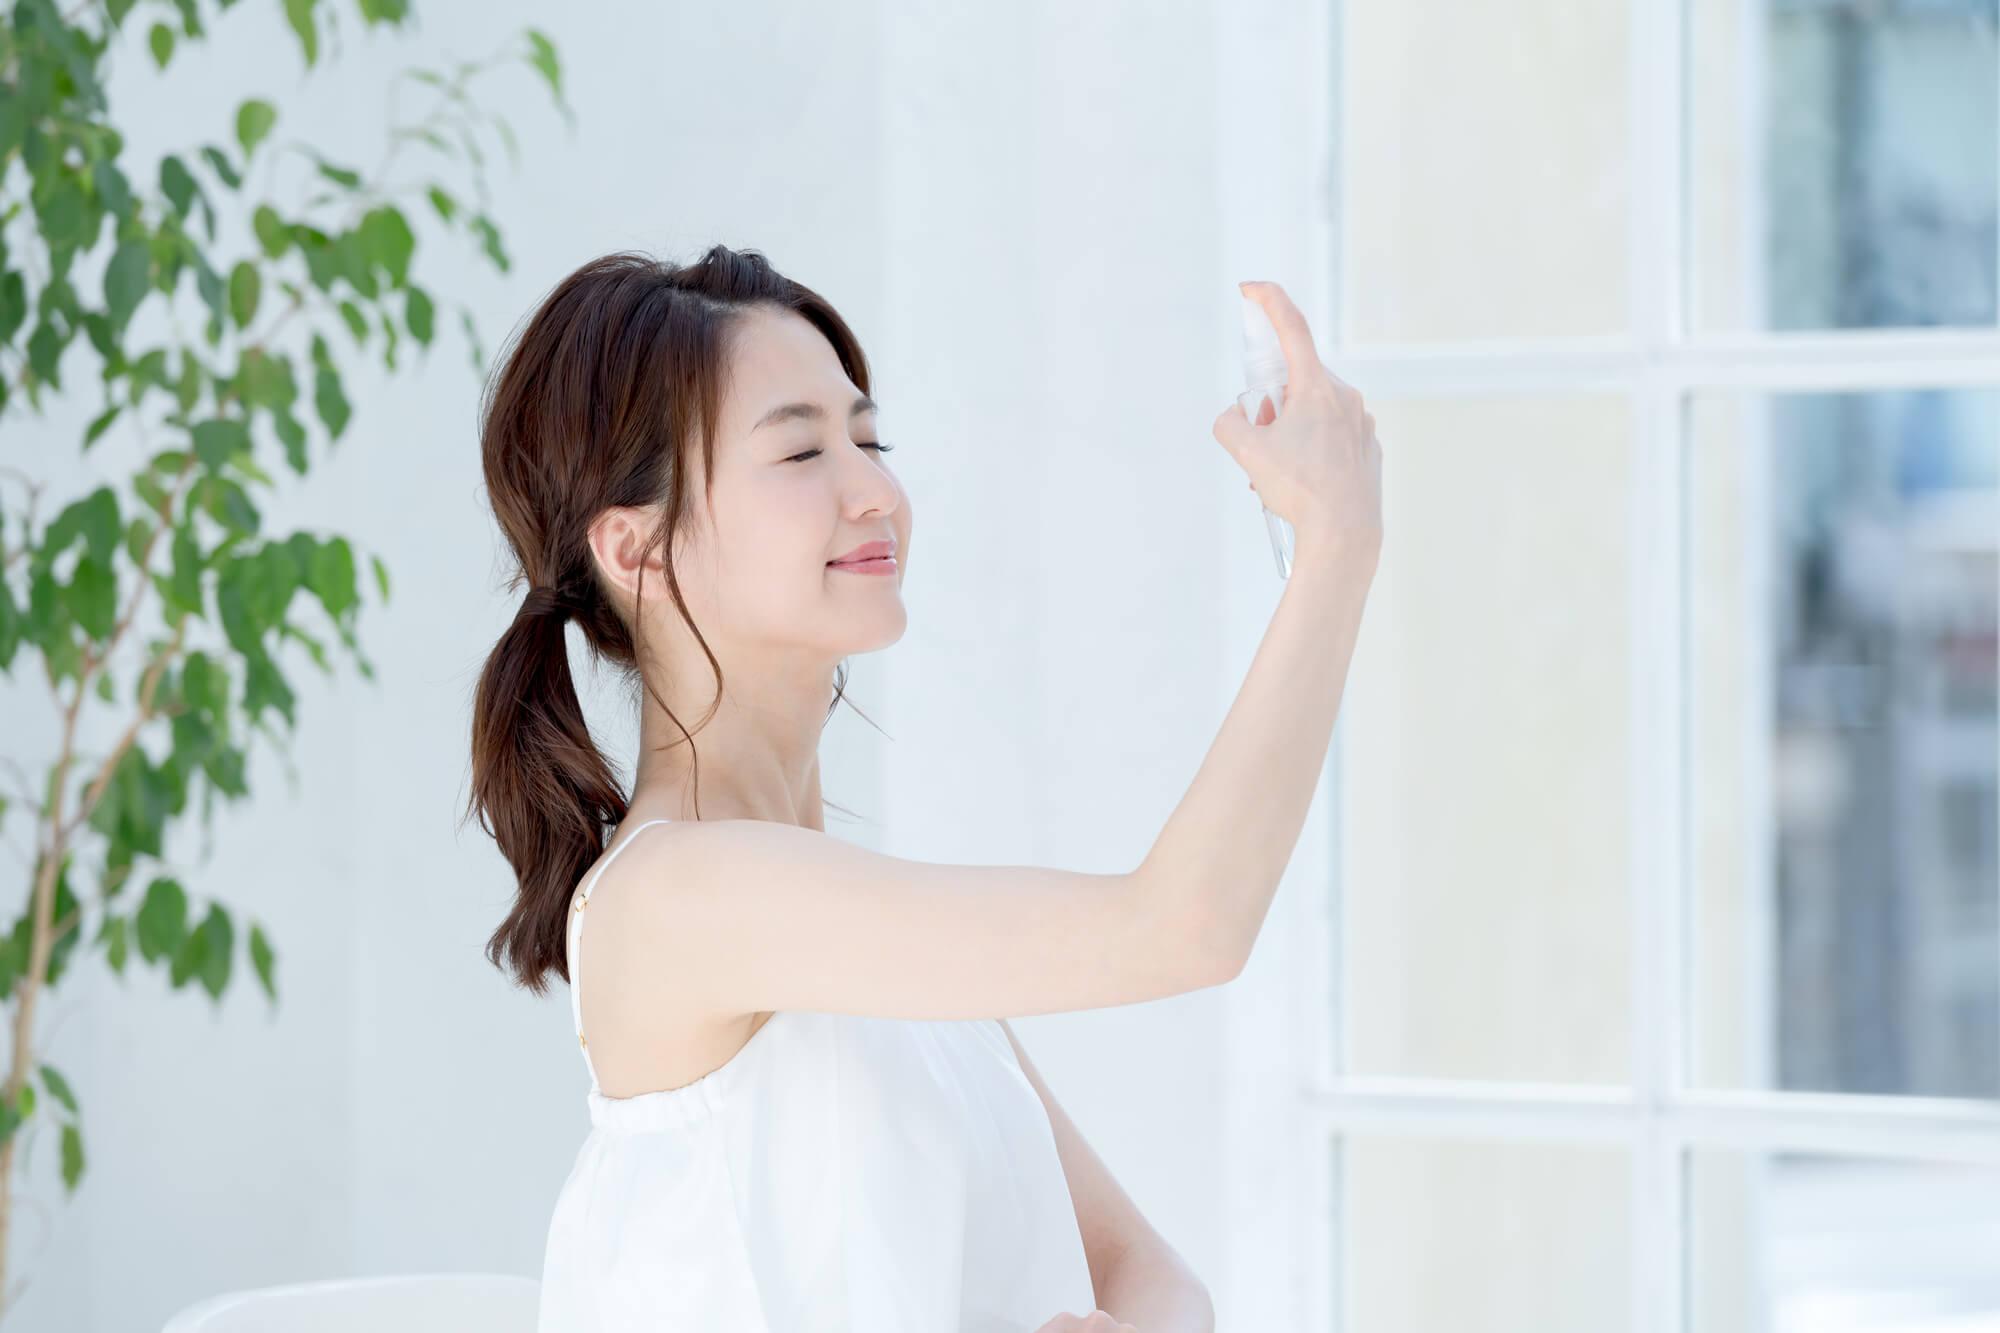 化粧水をふる女性